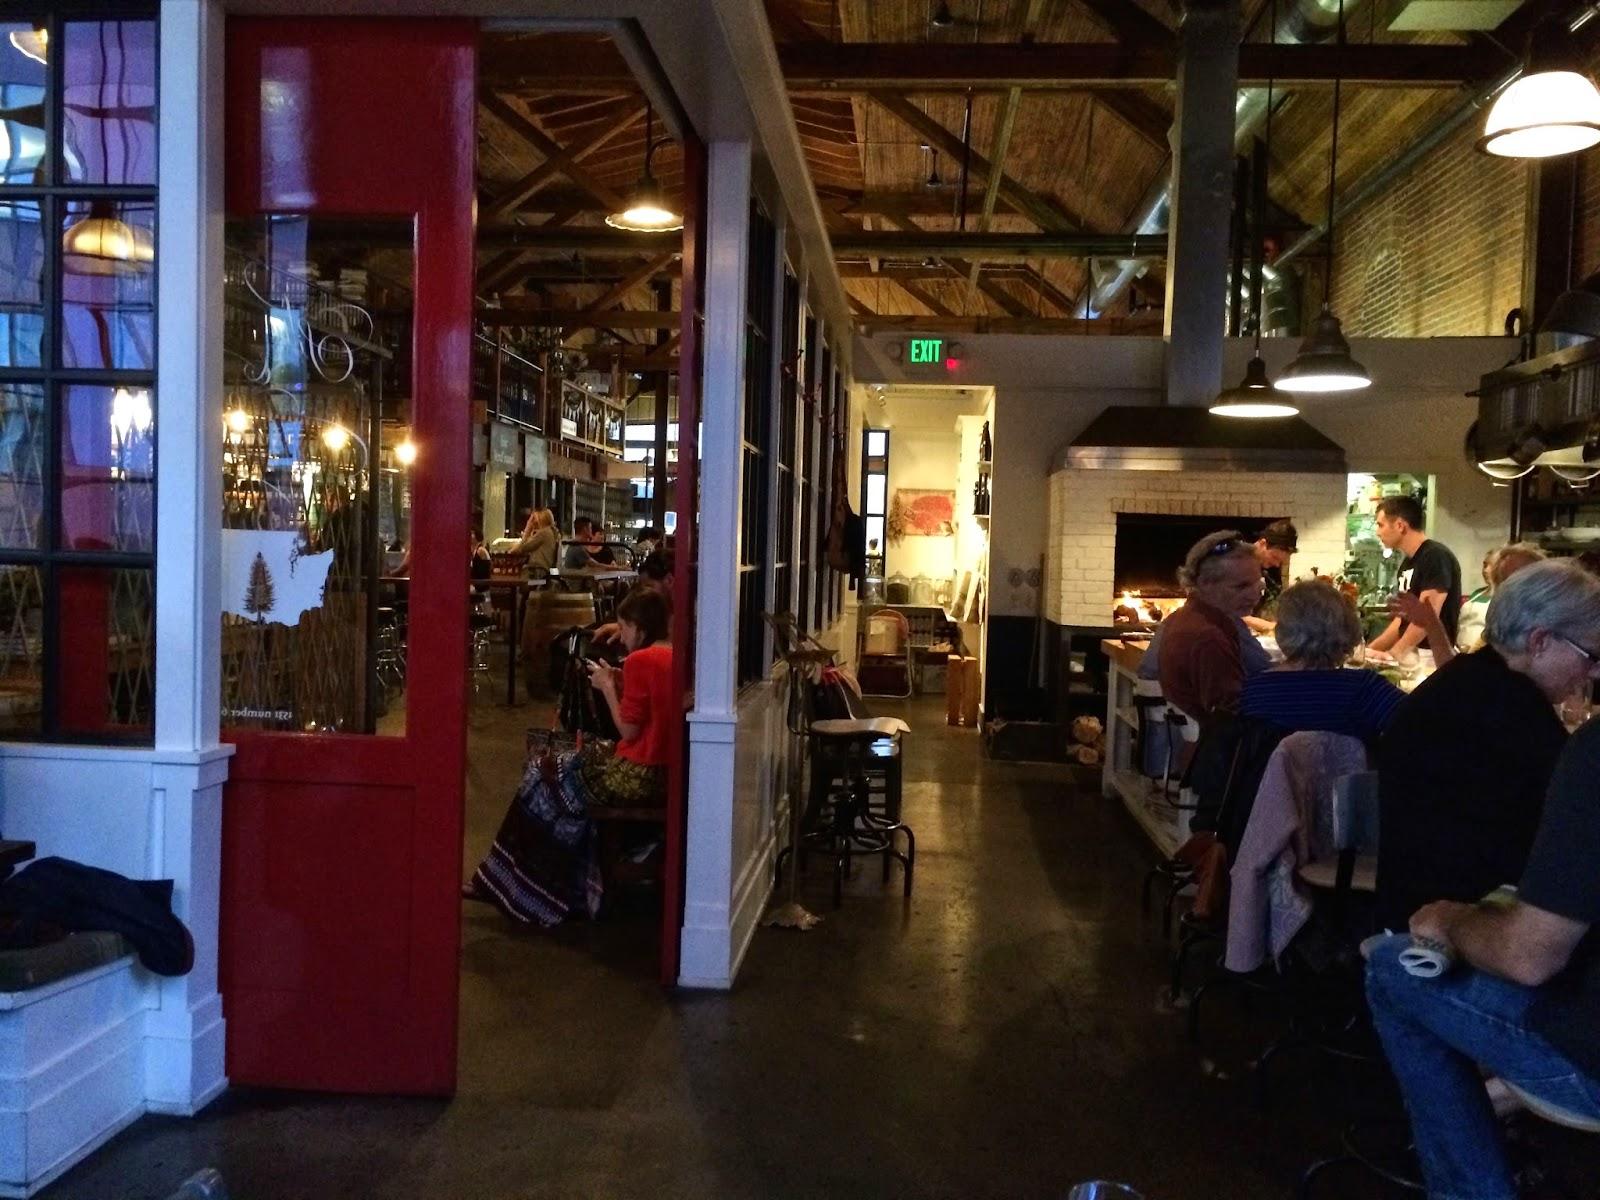 Sitka & Spruce, Seattle